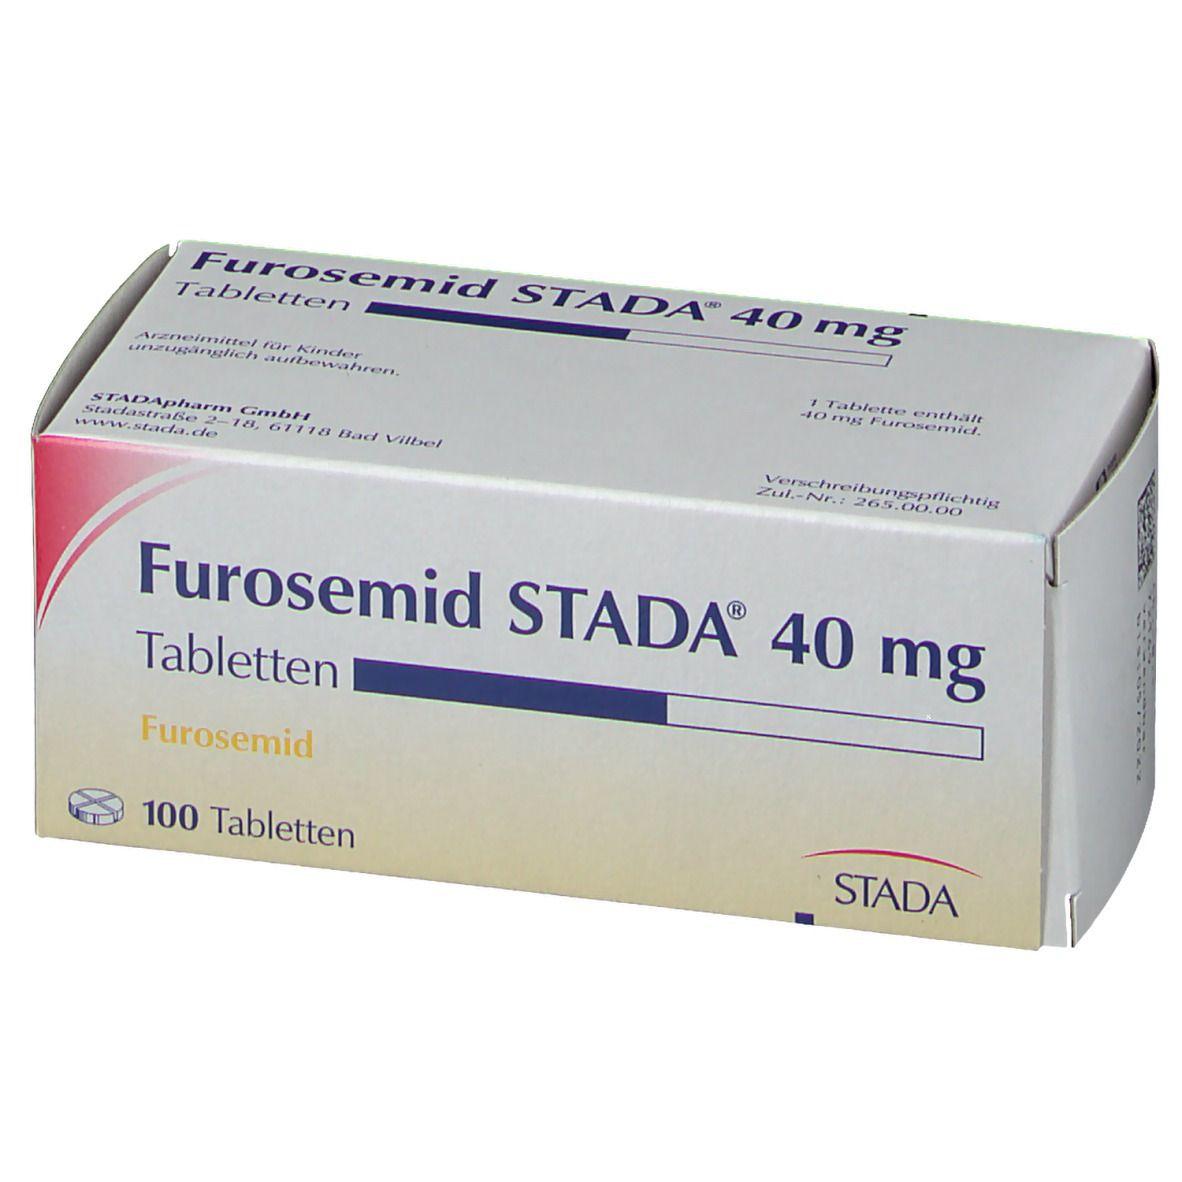 Furosemid STADA® 40 mg Tabletten